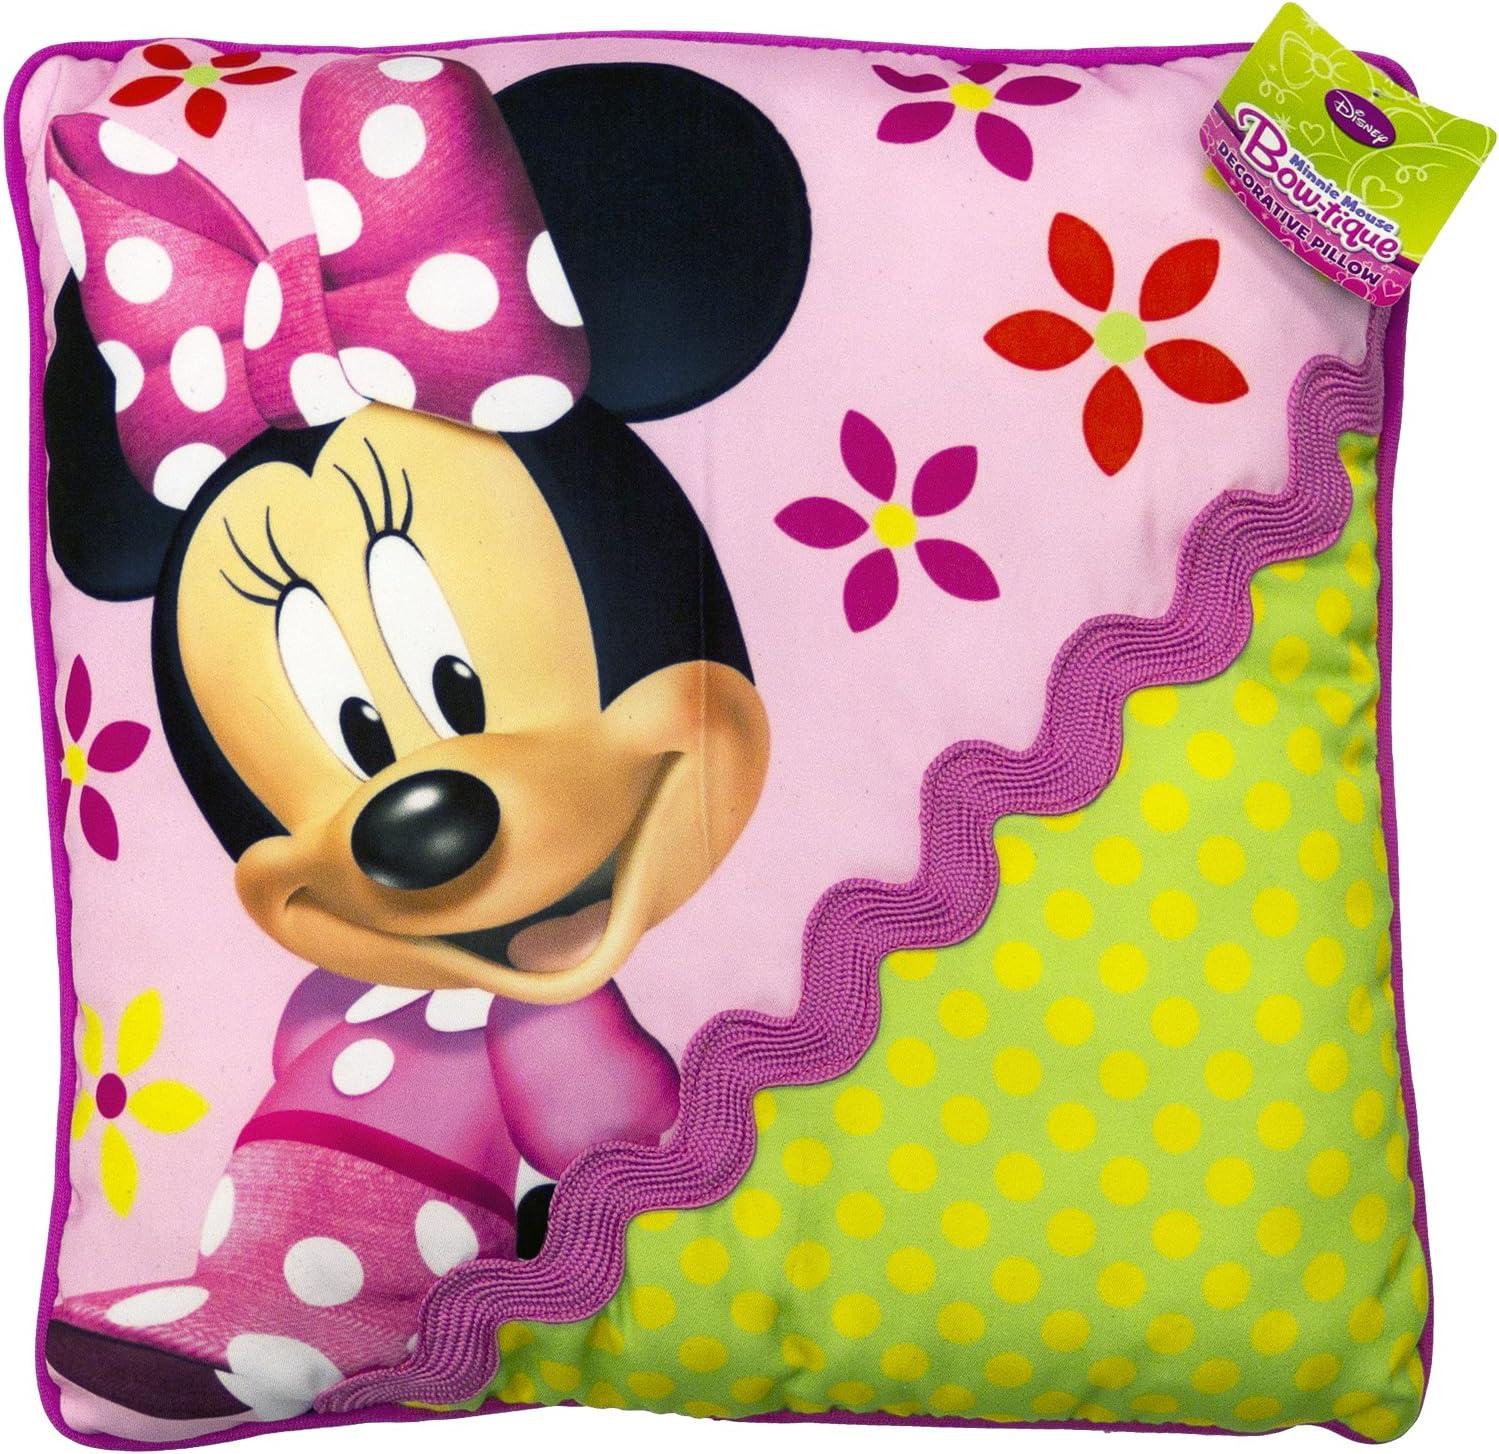 Disney Minnie Mouse Bowtique Garden Party Decorative Pillow